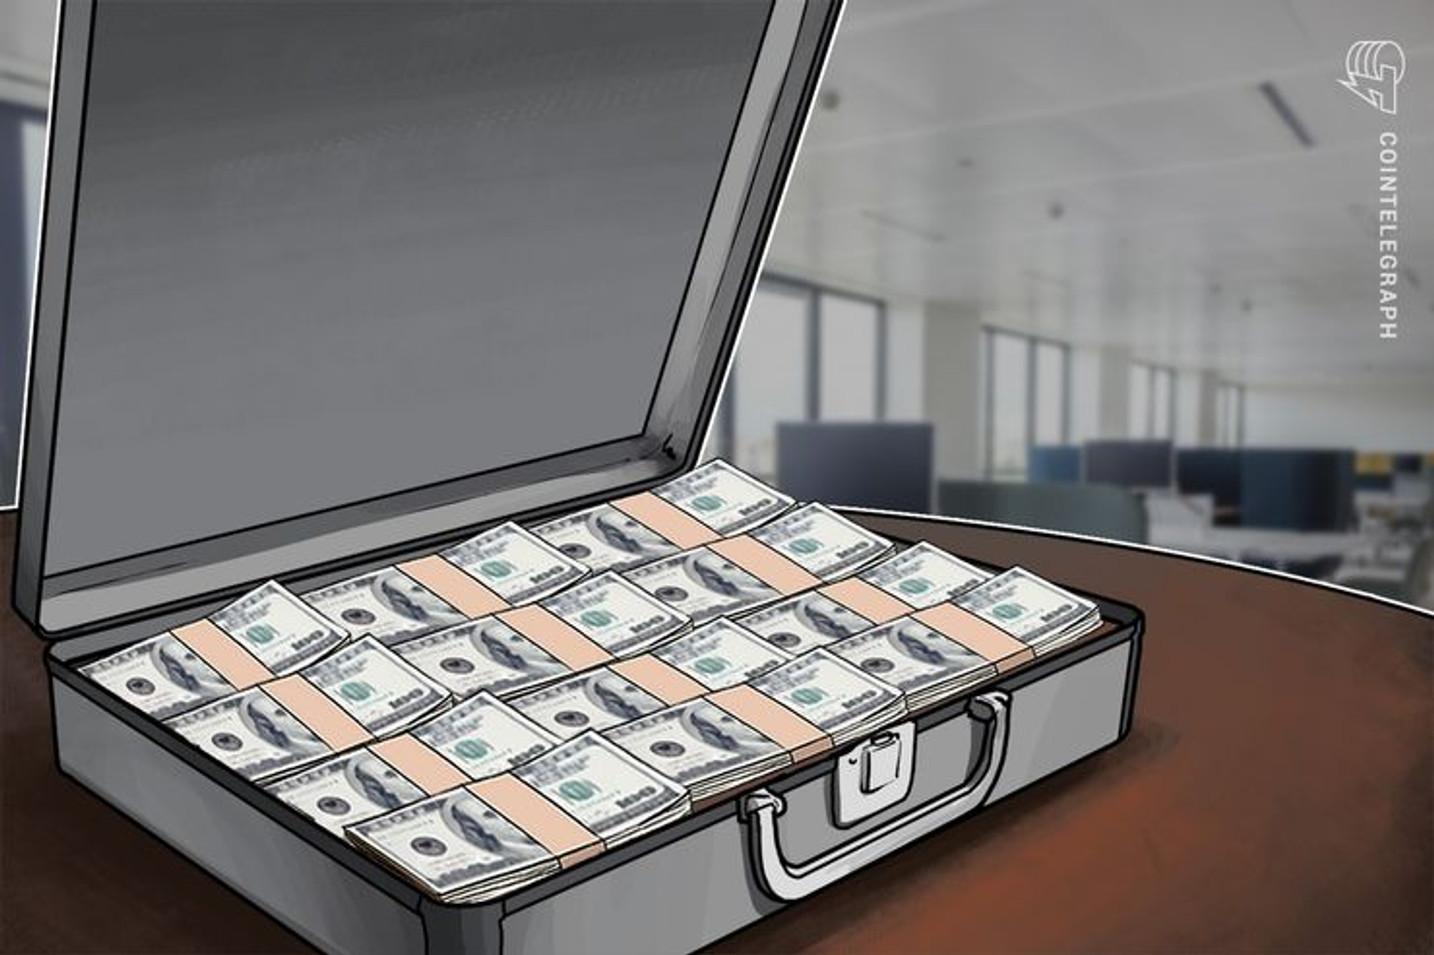 La Fintech Ualá recibió inversiones millonarias con aportes de Tencent y SoftBank